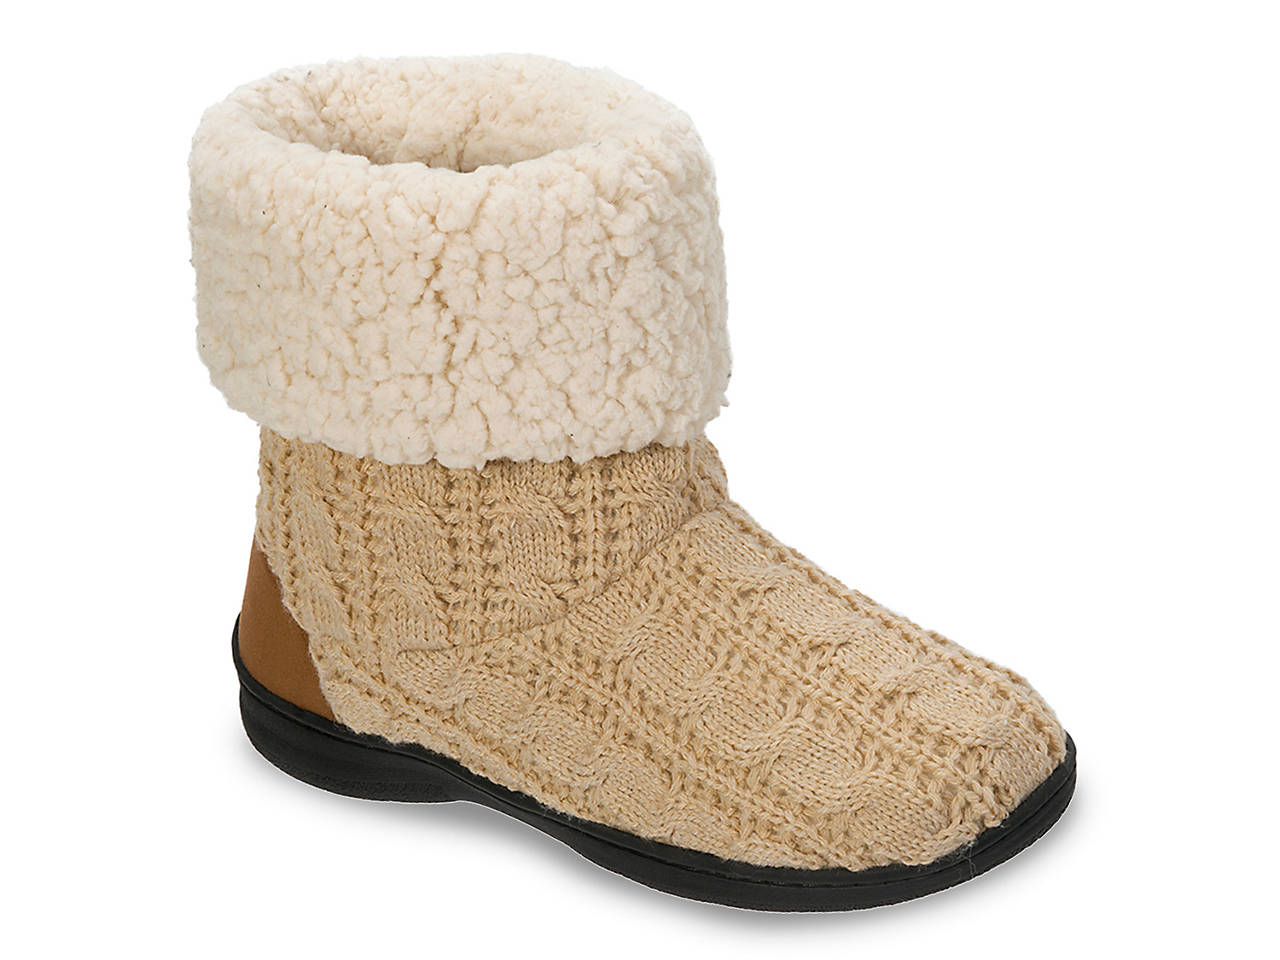 Dearfoams Cable Knit Bootie Slipper Womens Shoes Dsw